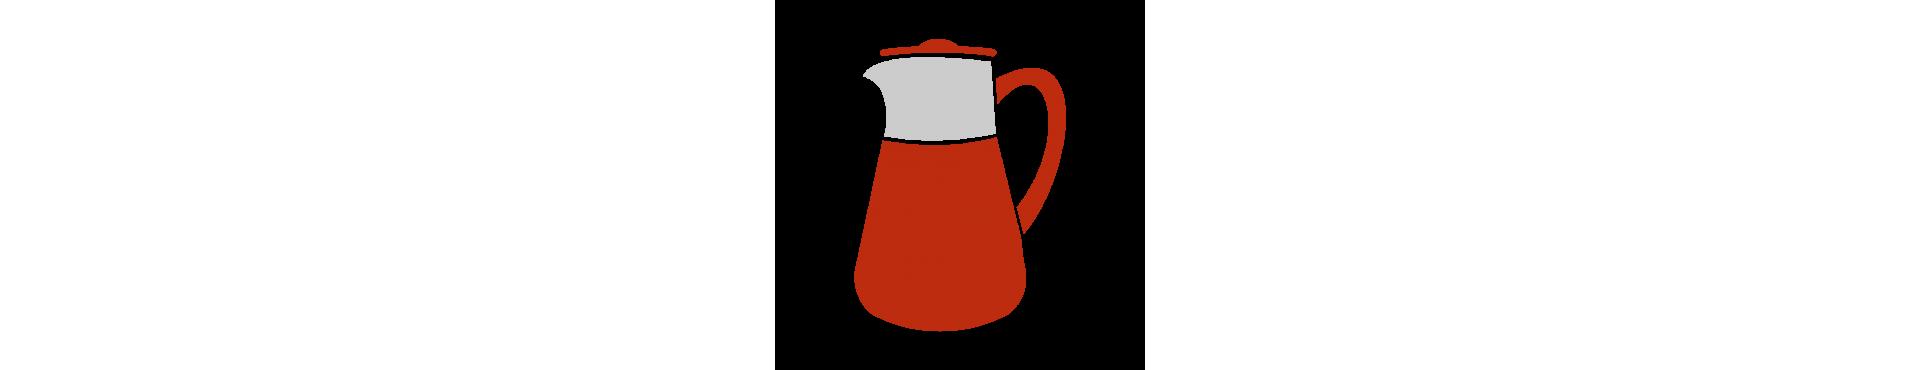 Tazze da tè e teiere